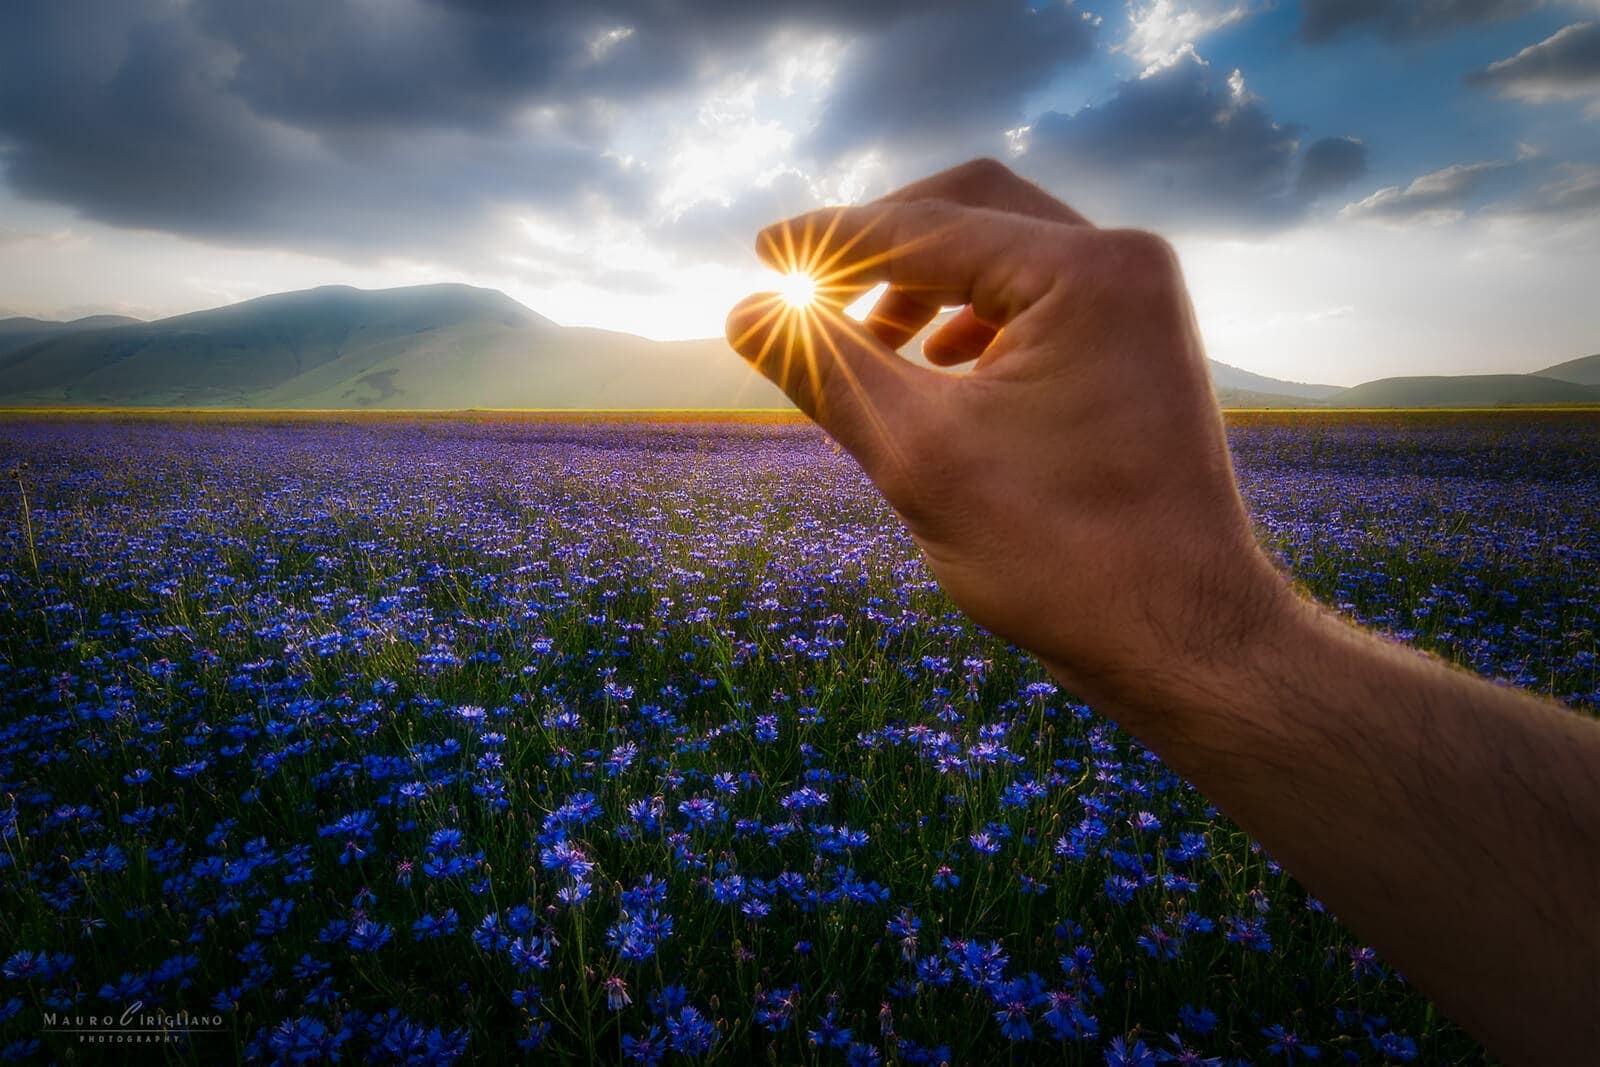 campo fiordalisi con mano che tocca il sole